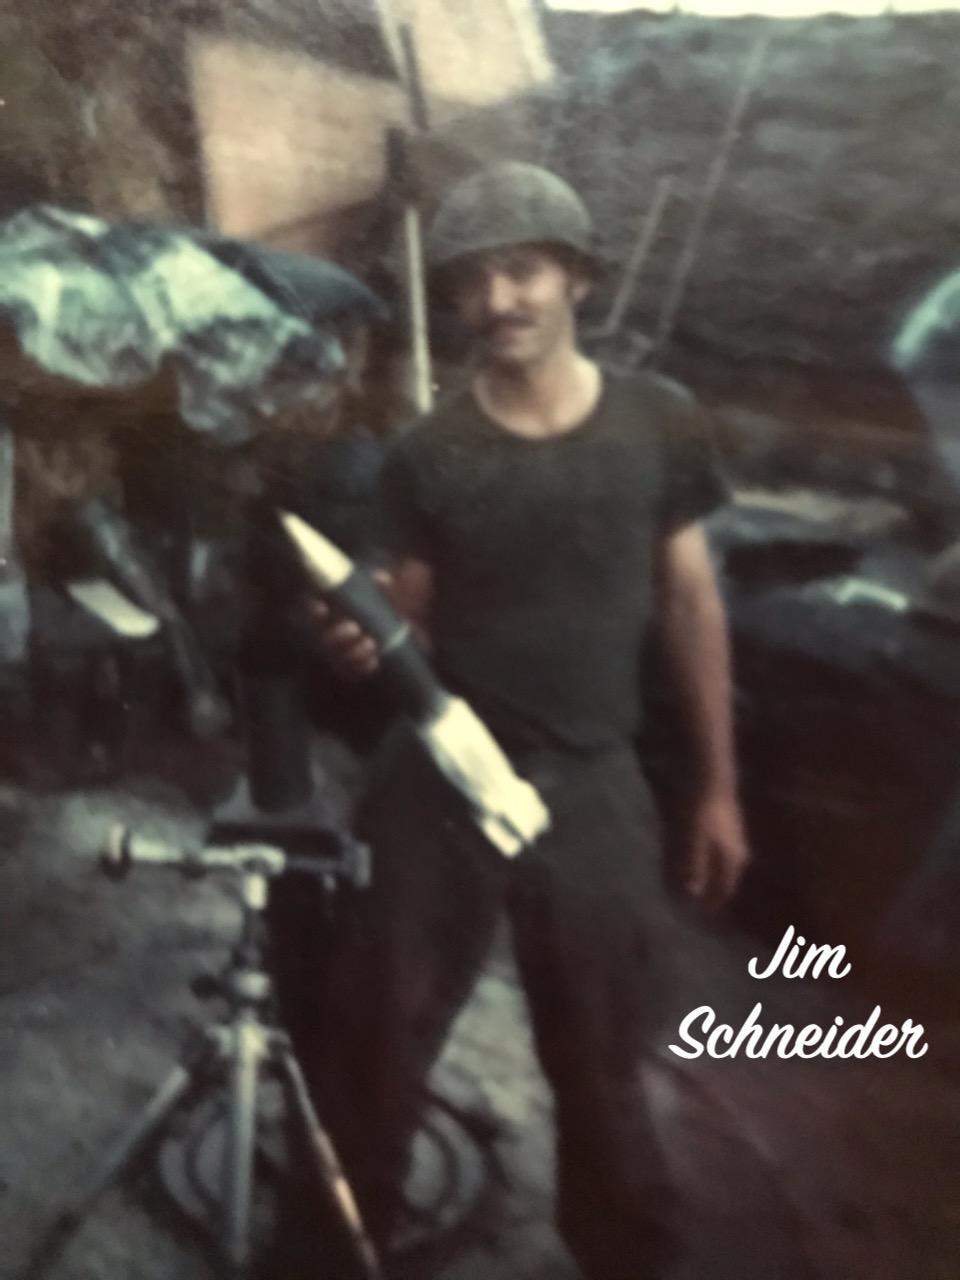 Jim Schneider '69